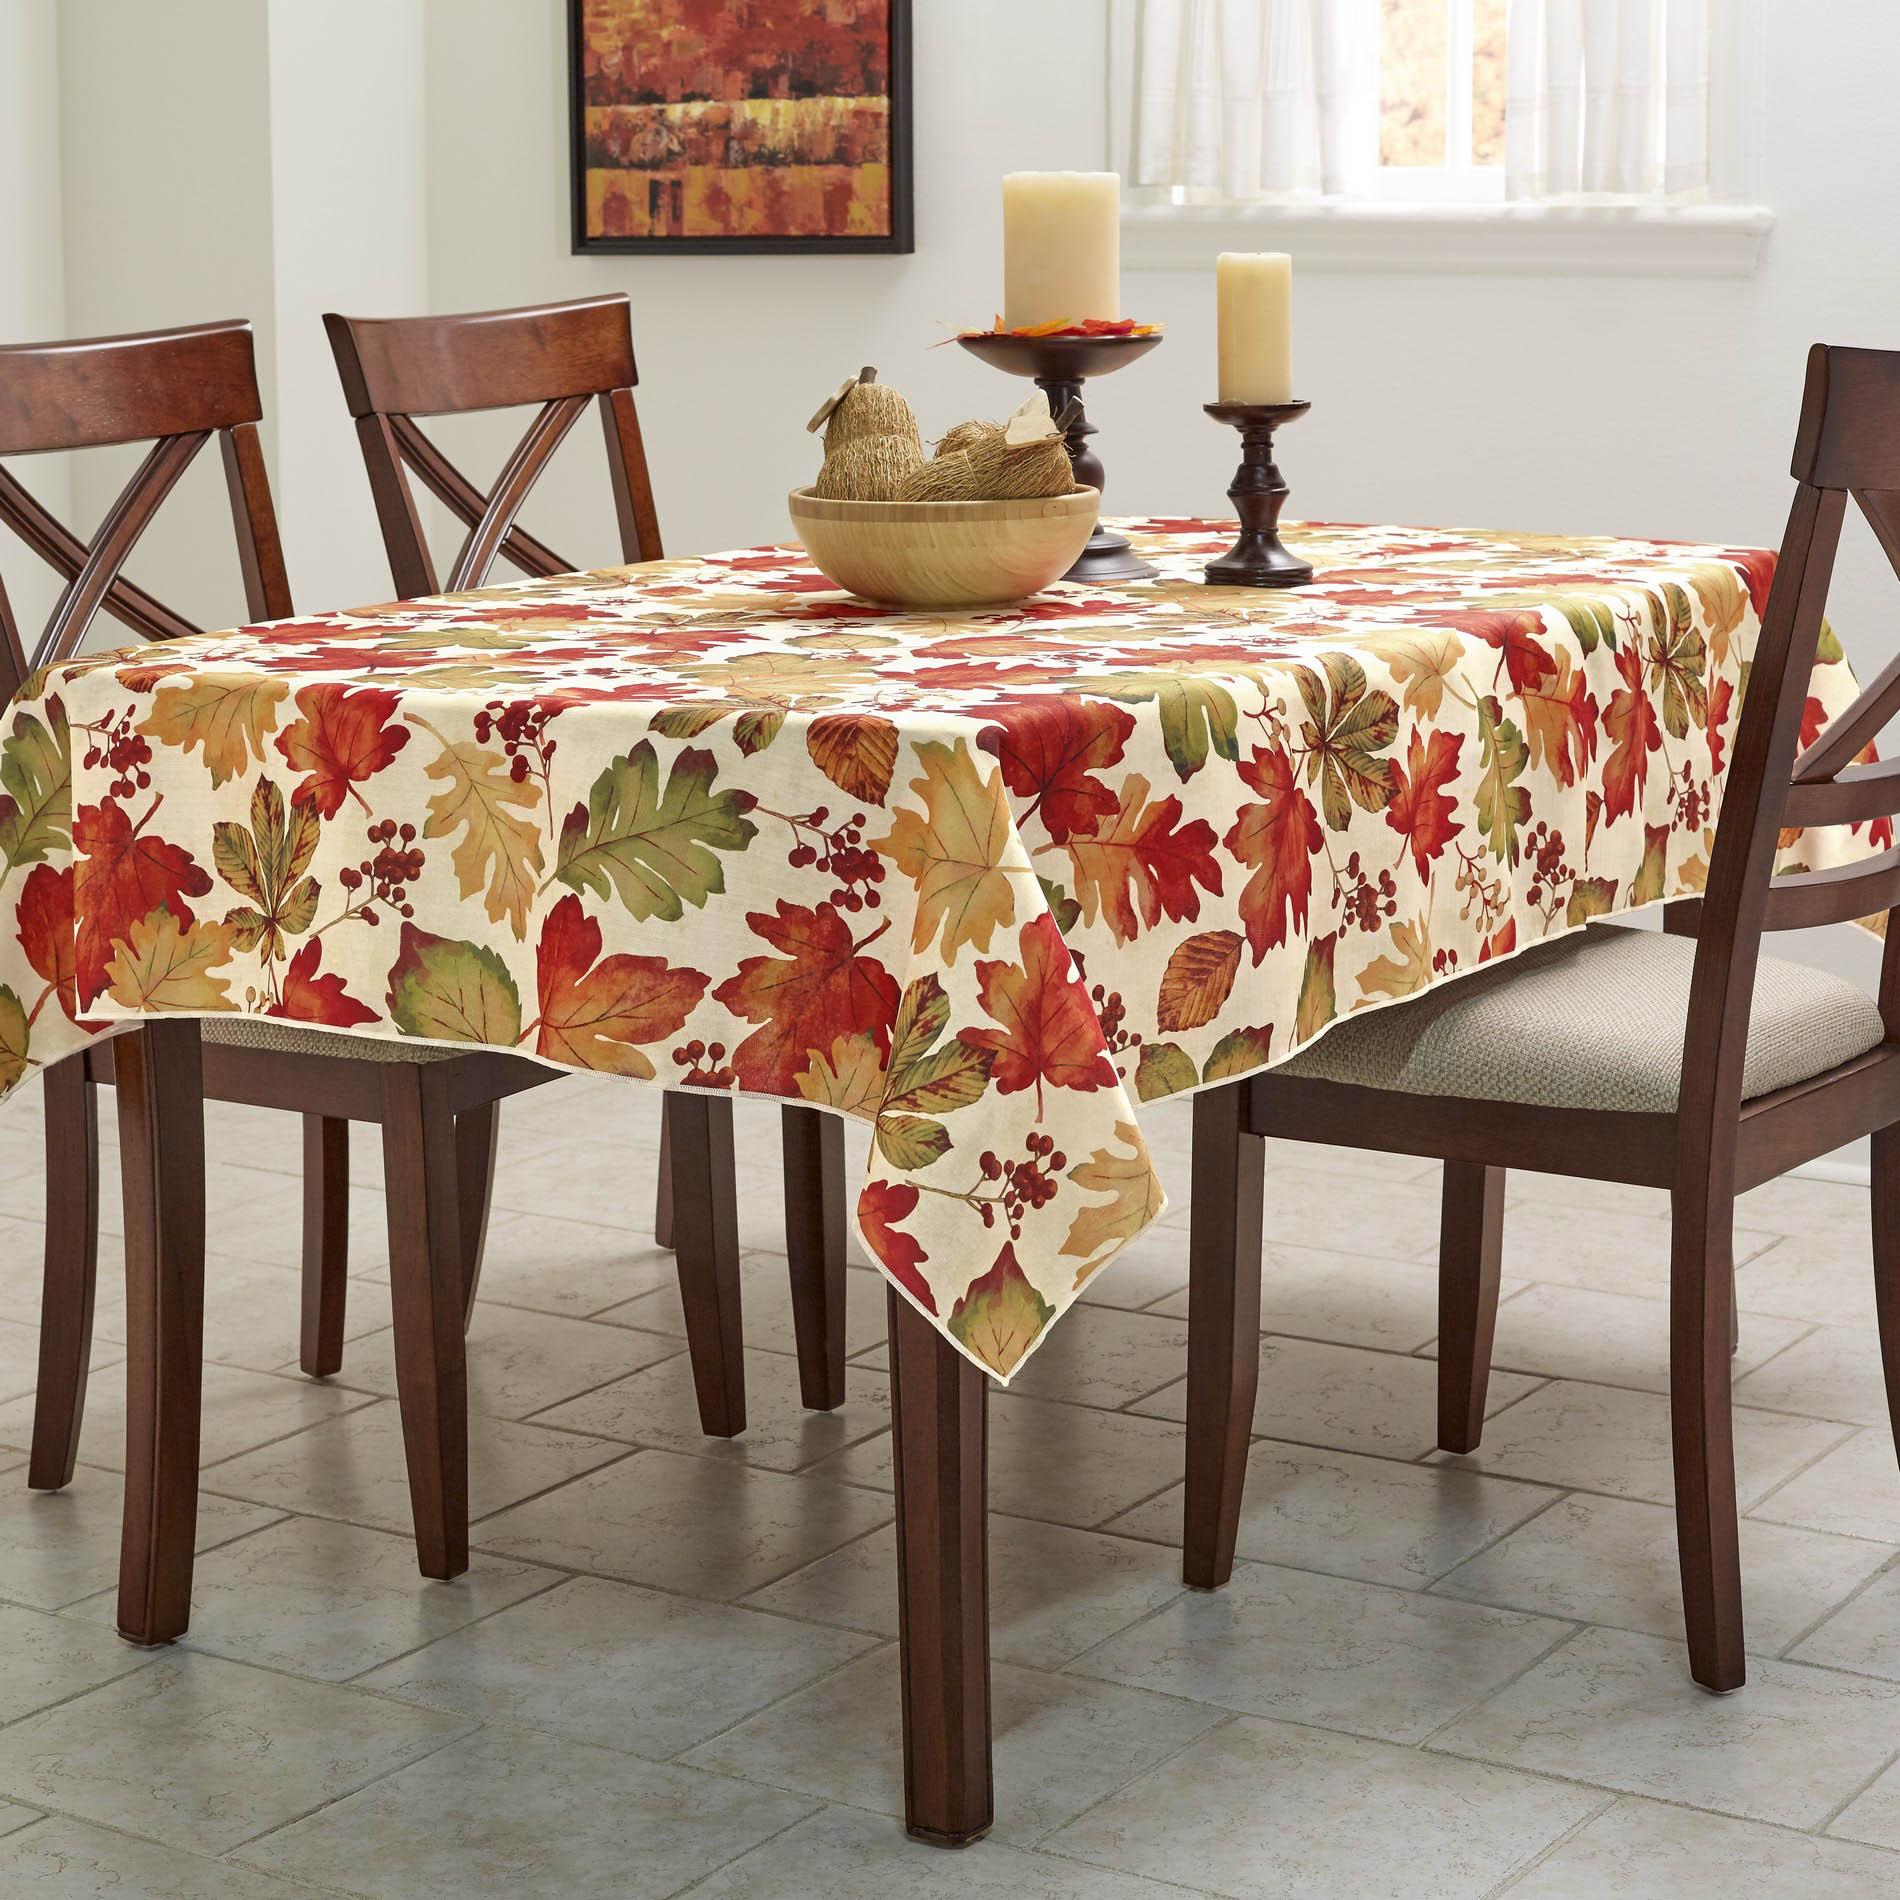 Kmart Christmas Tablecloth